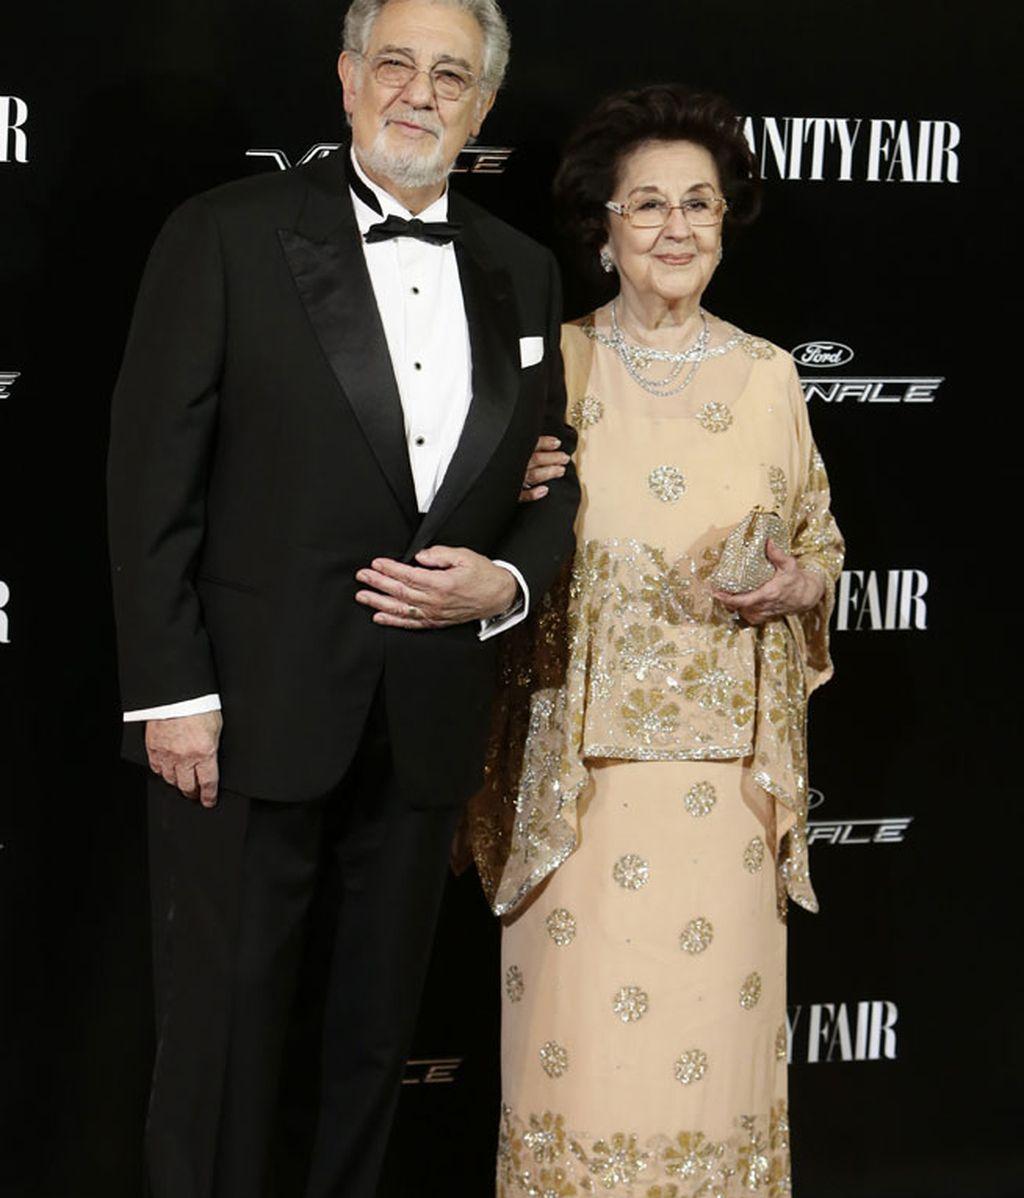 """Plácido Domingo, """"personaje del año"""", acudía acompañado de su mujer Marta Ornelas"""